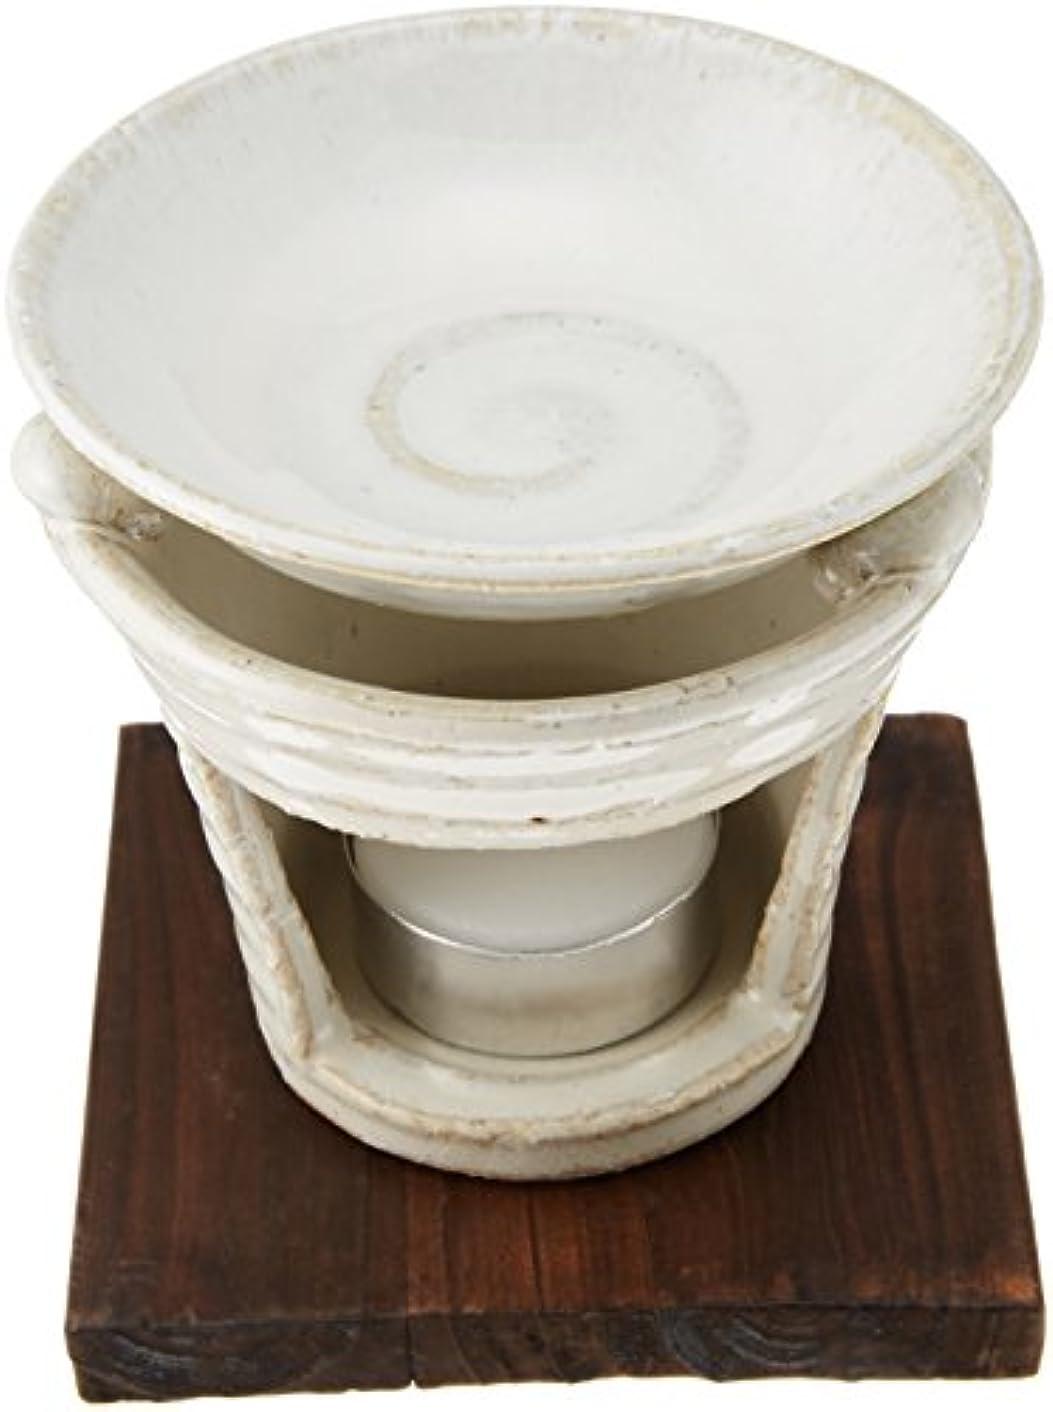 スキャンダラス犠牲摂動香炉 茶香炉 白萩 [H10cm] プレゼント ギフト 和食器 かわいい インテリア